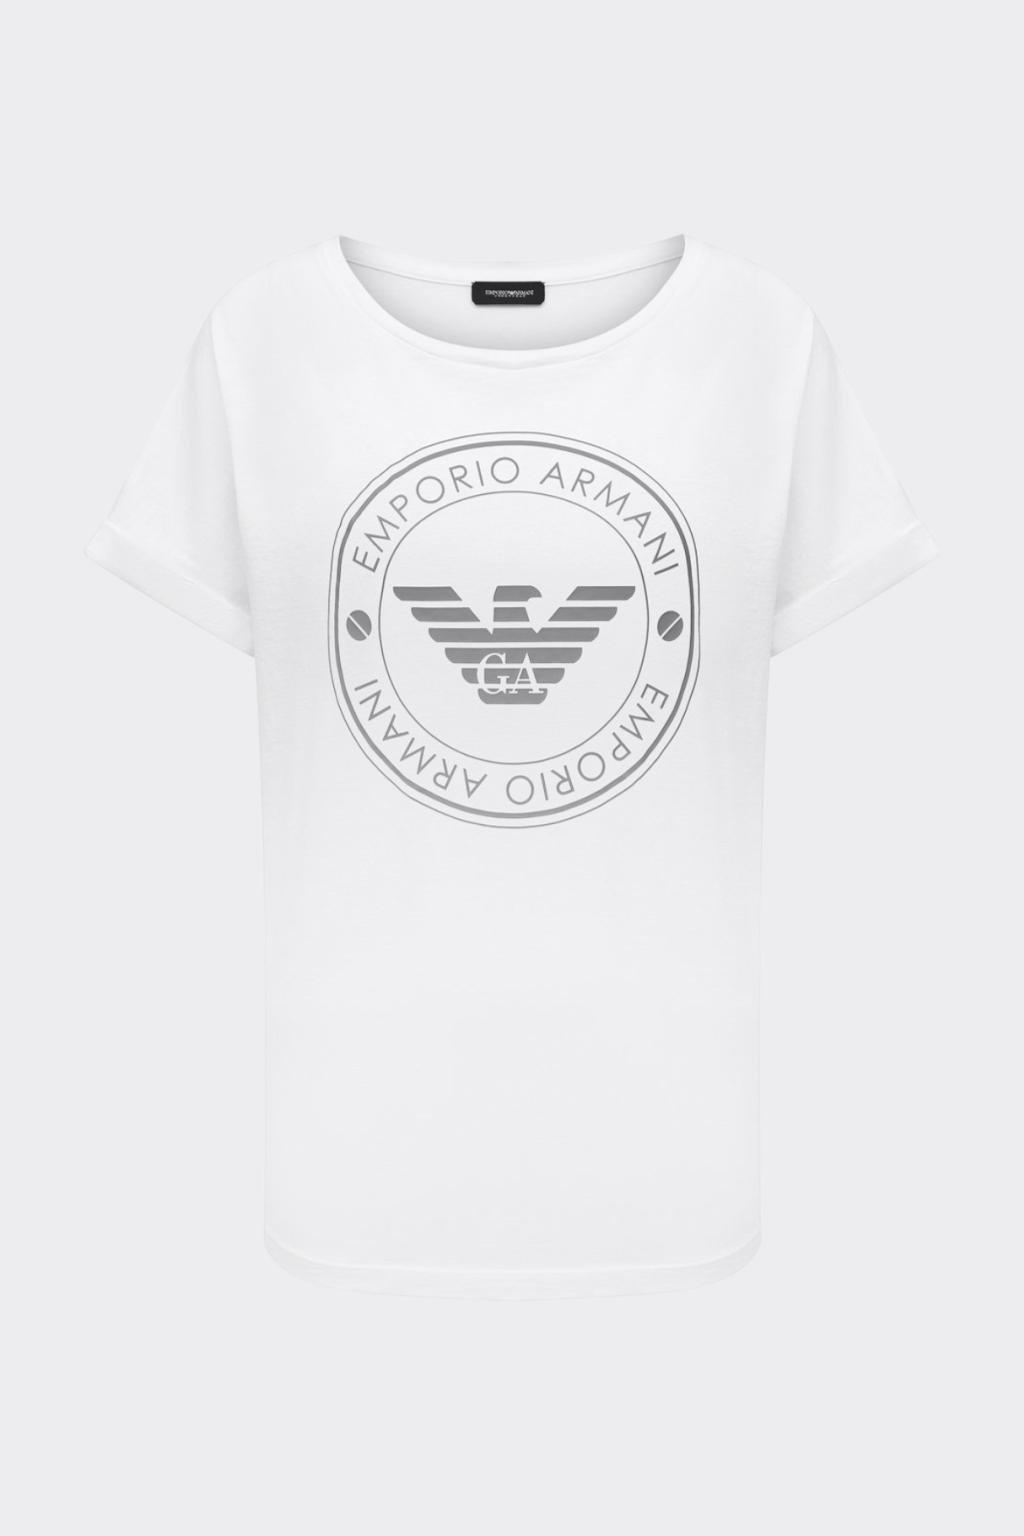 Emporio Armani tričko z organické bavlny dámské - bílá